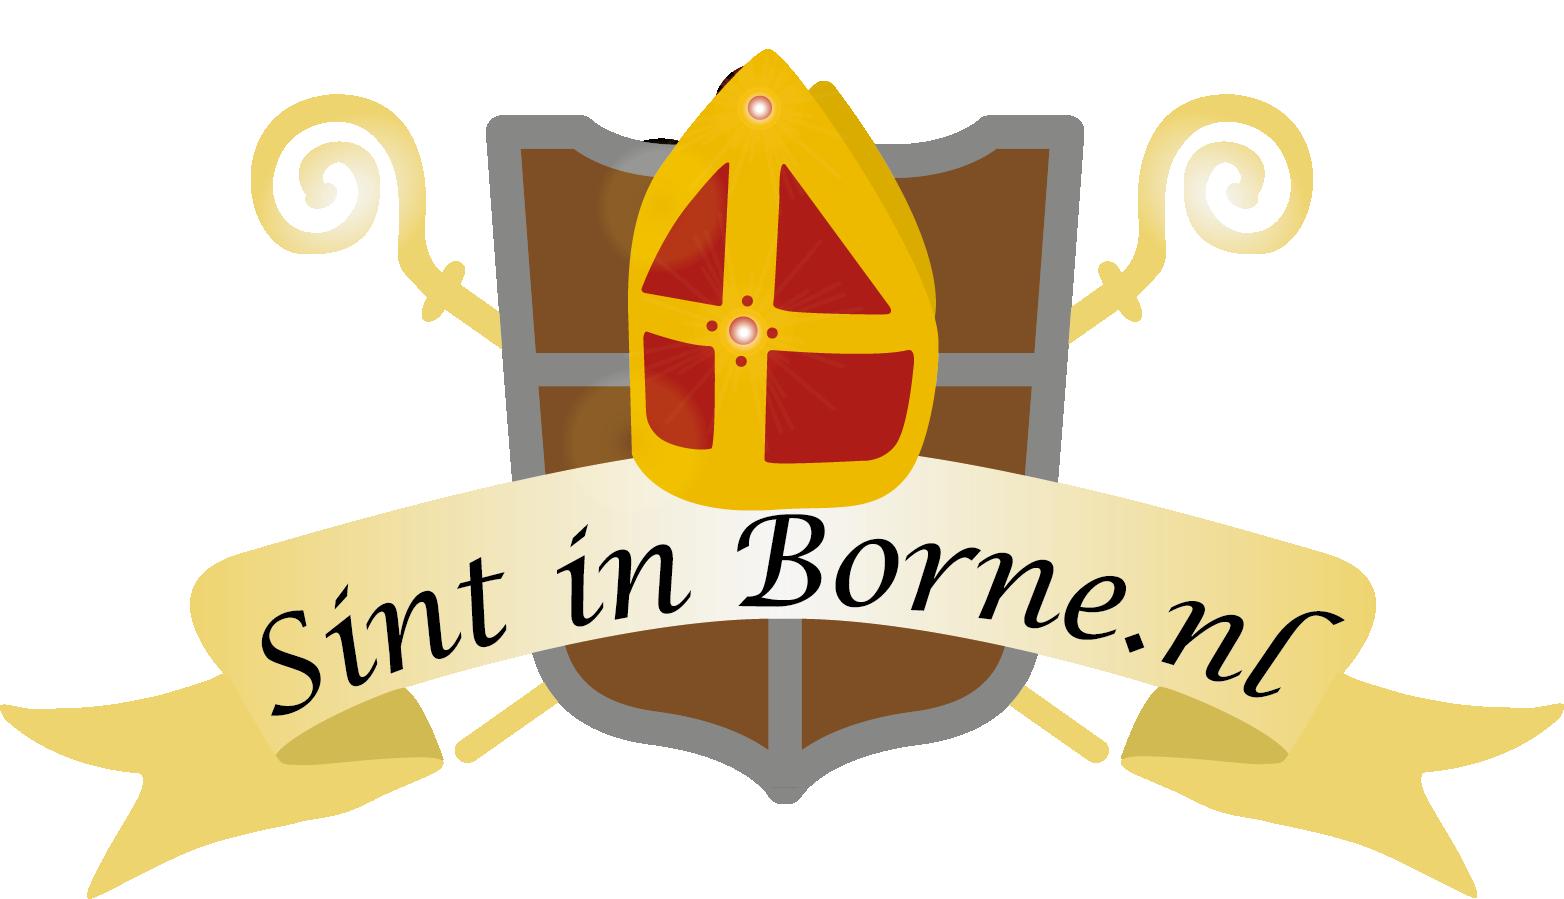 Sint in Borne